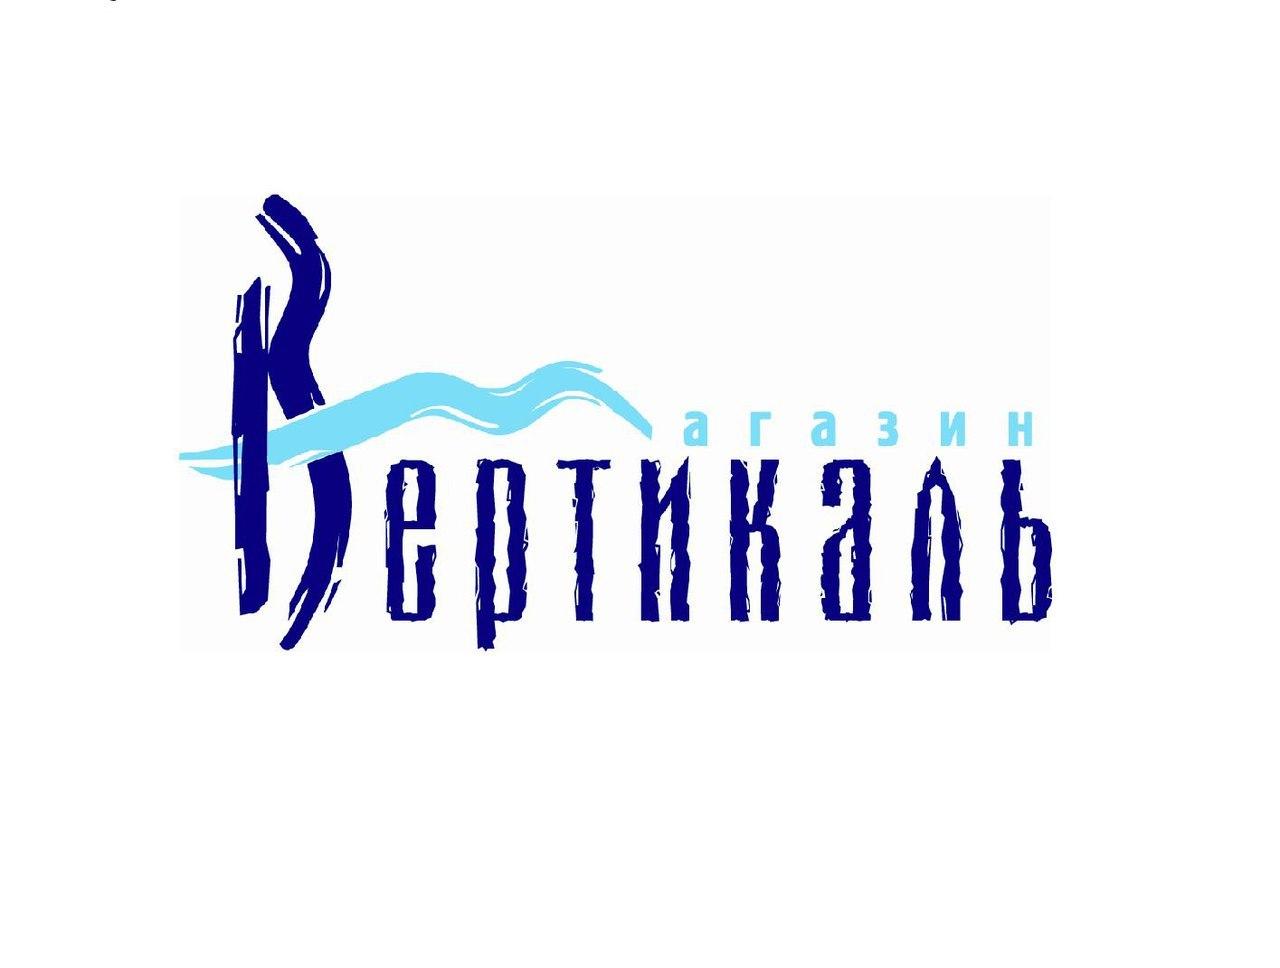 Афиша 13-14.07. оз.ОРЛЕНКА - ВОСХОЖДЕНИЕ НА г.ОРЛЕНОК